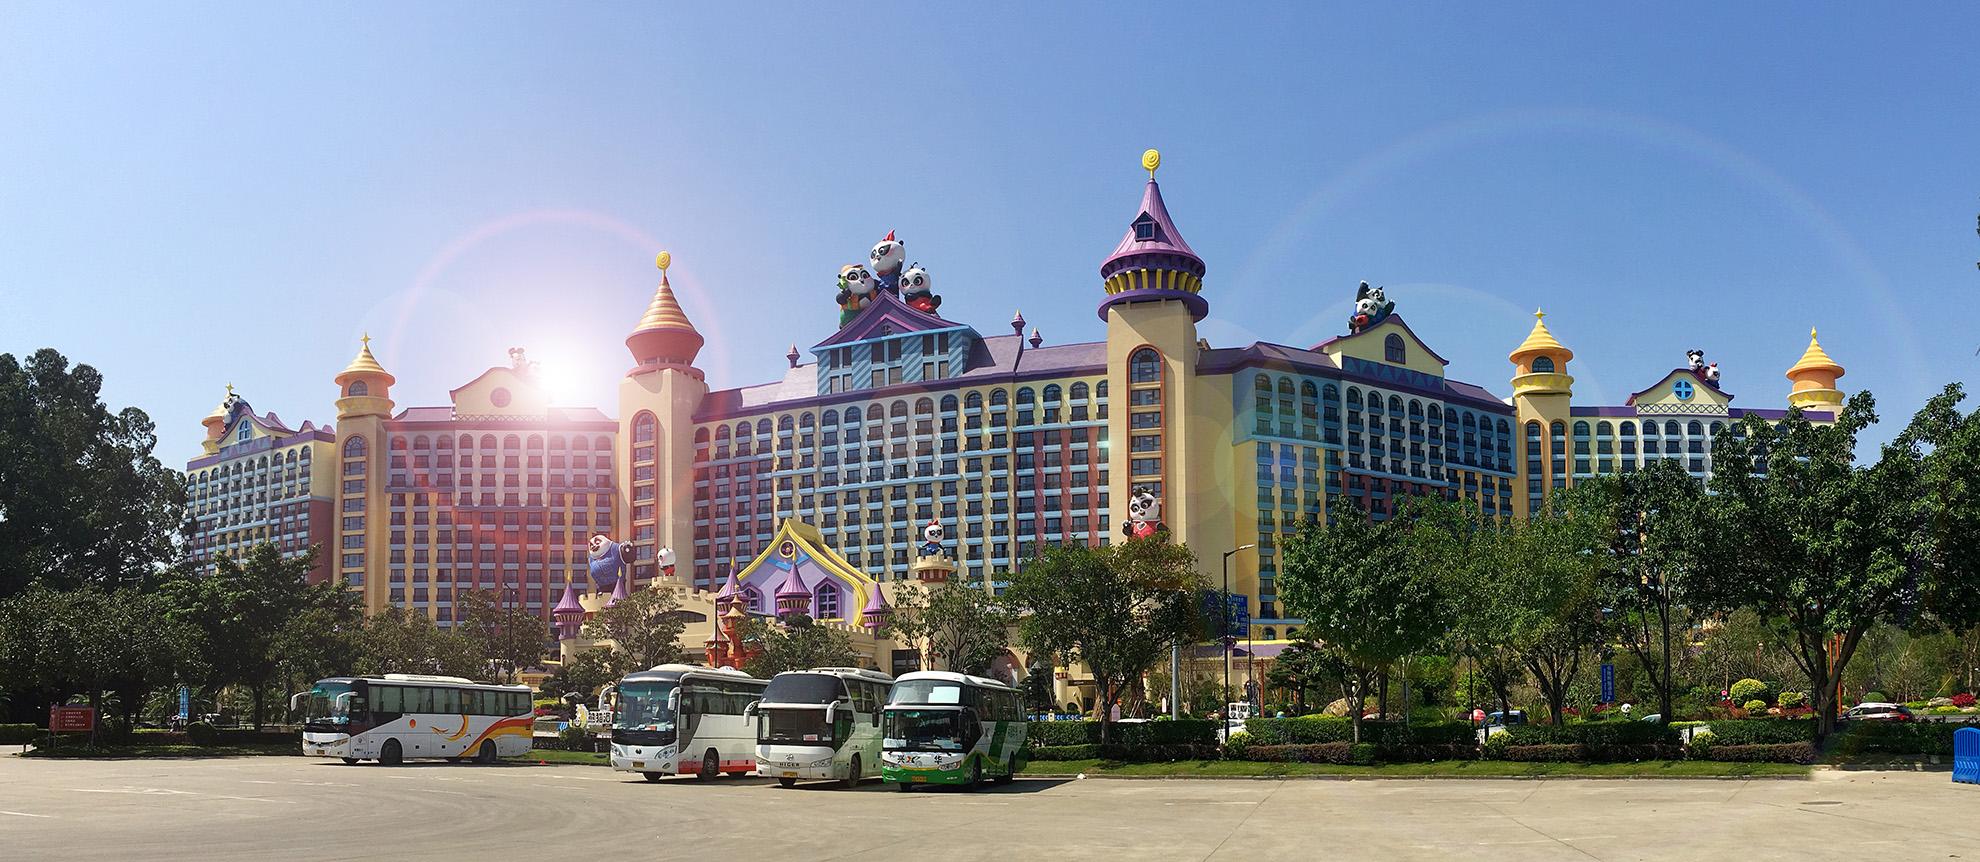 文旅品牌设计,长隆熊猫酒店品牌设计,文旅VI形象,文旅视觉设计,文旅设计公司